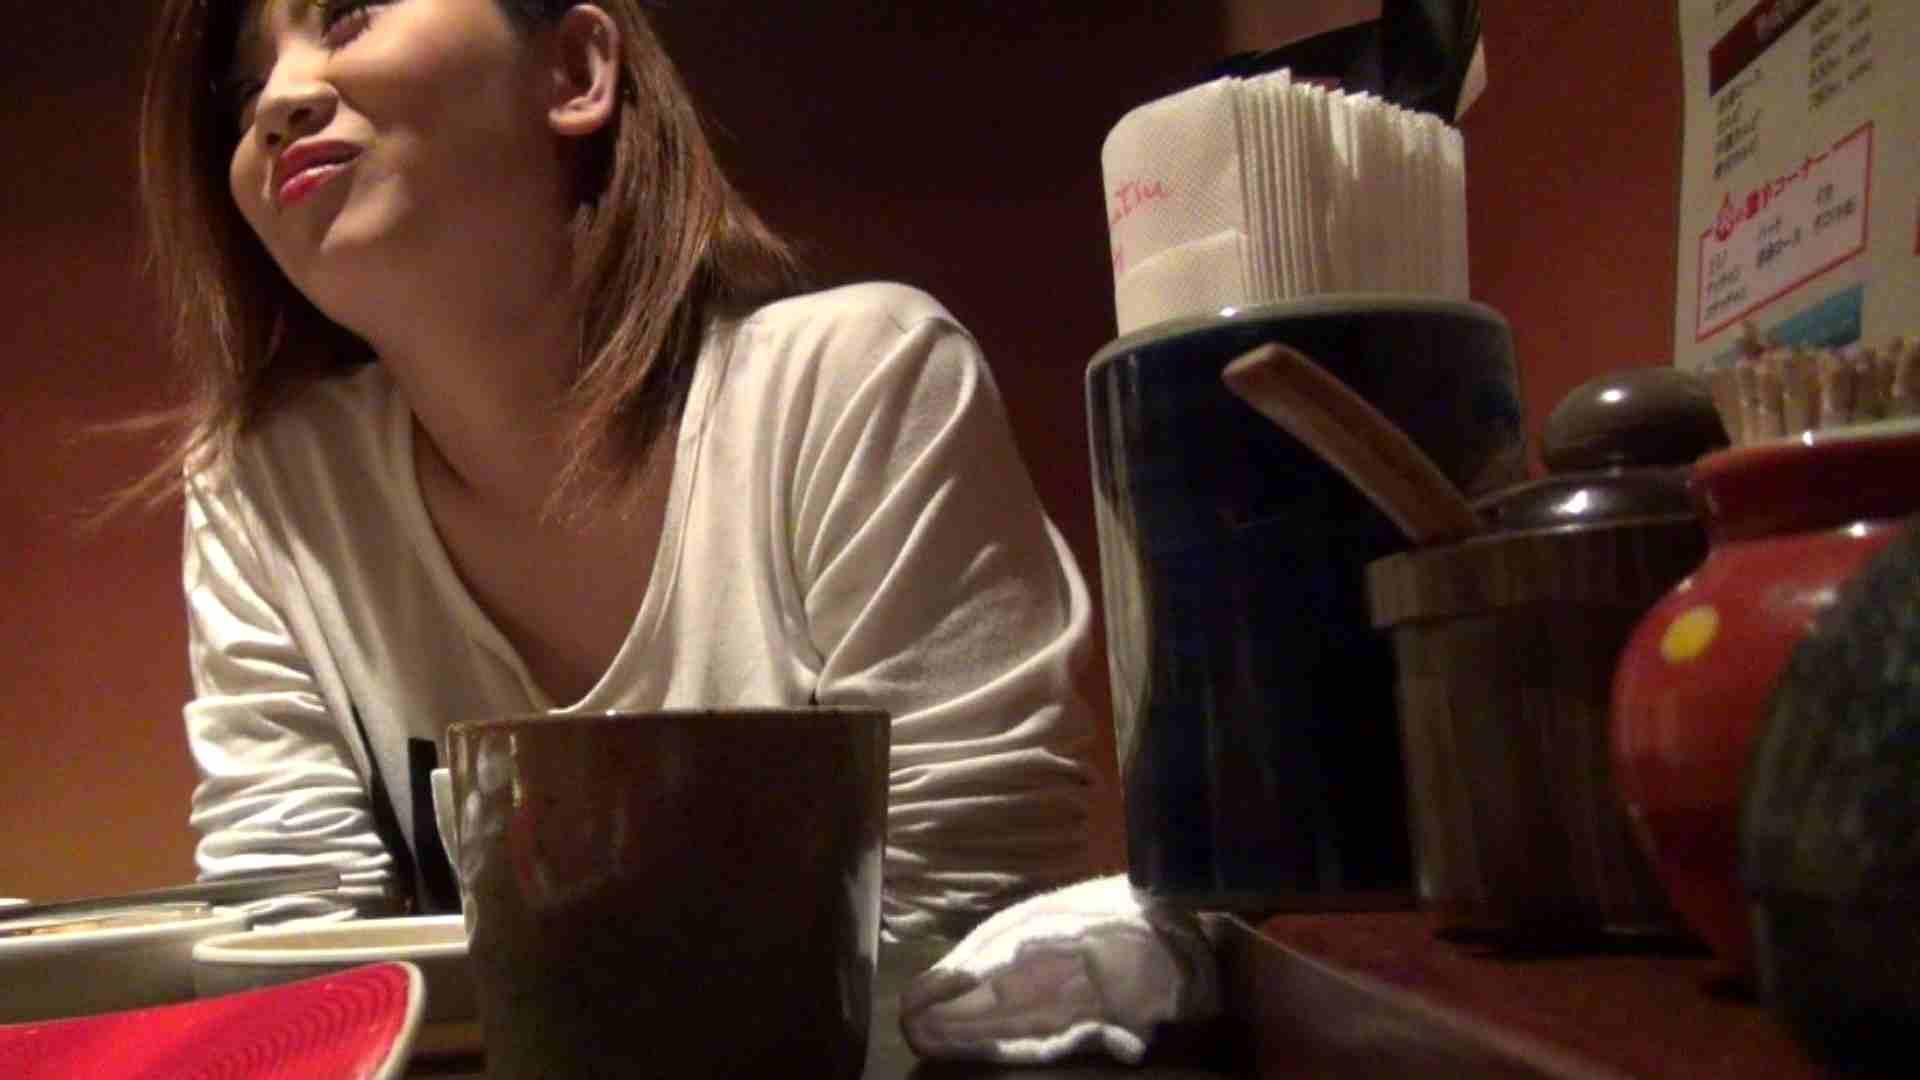 【出会い01】大助さんMちゃんと食事会 友人 | 悪戯  74連発 25